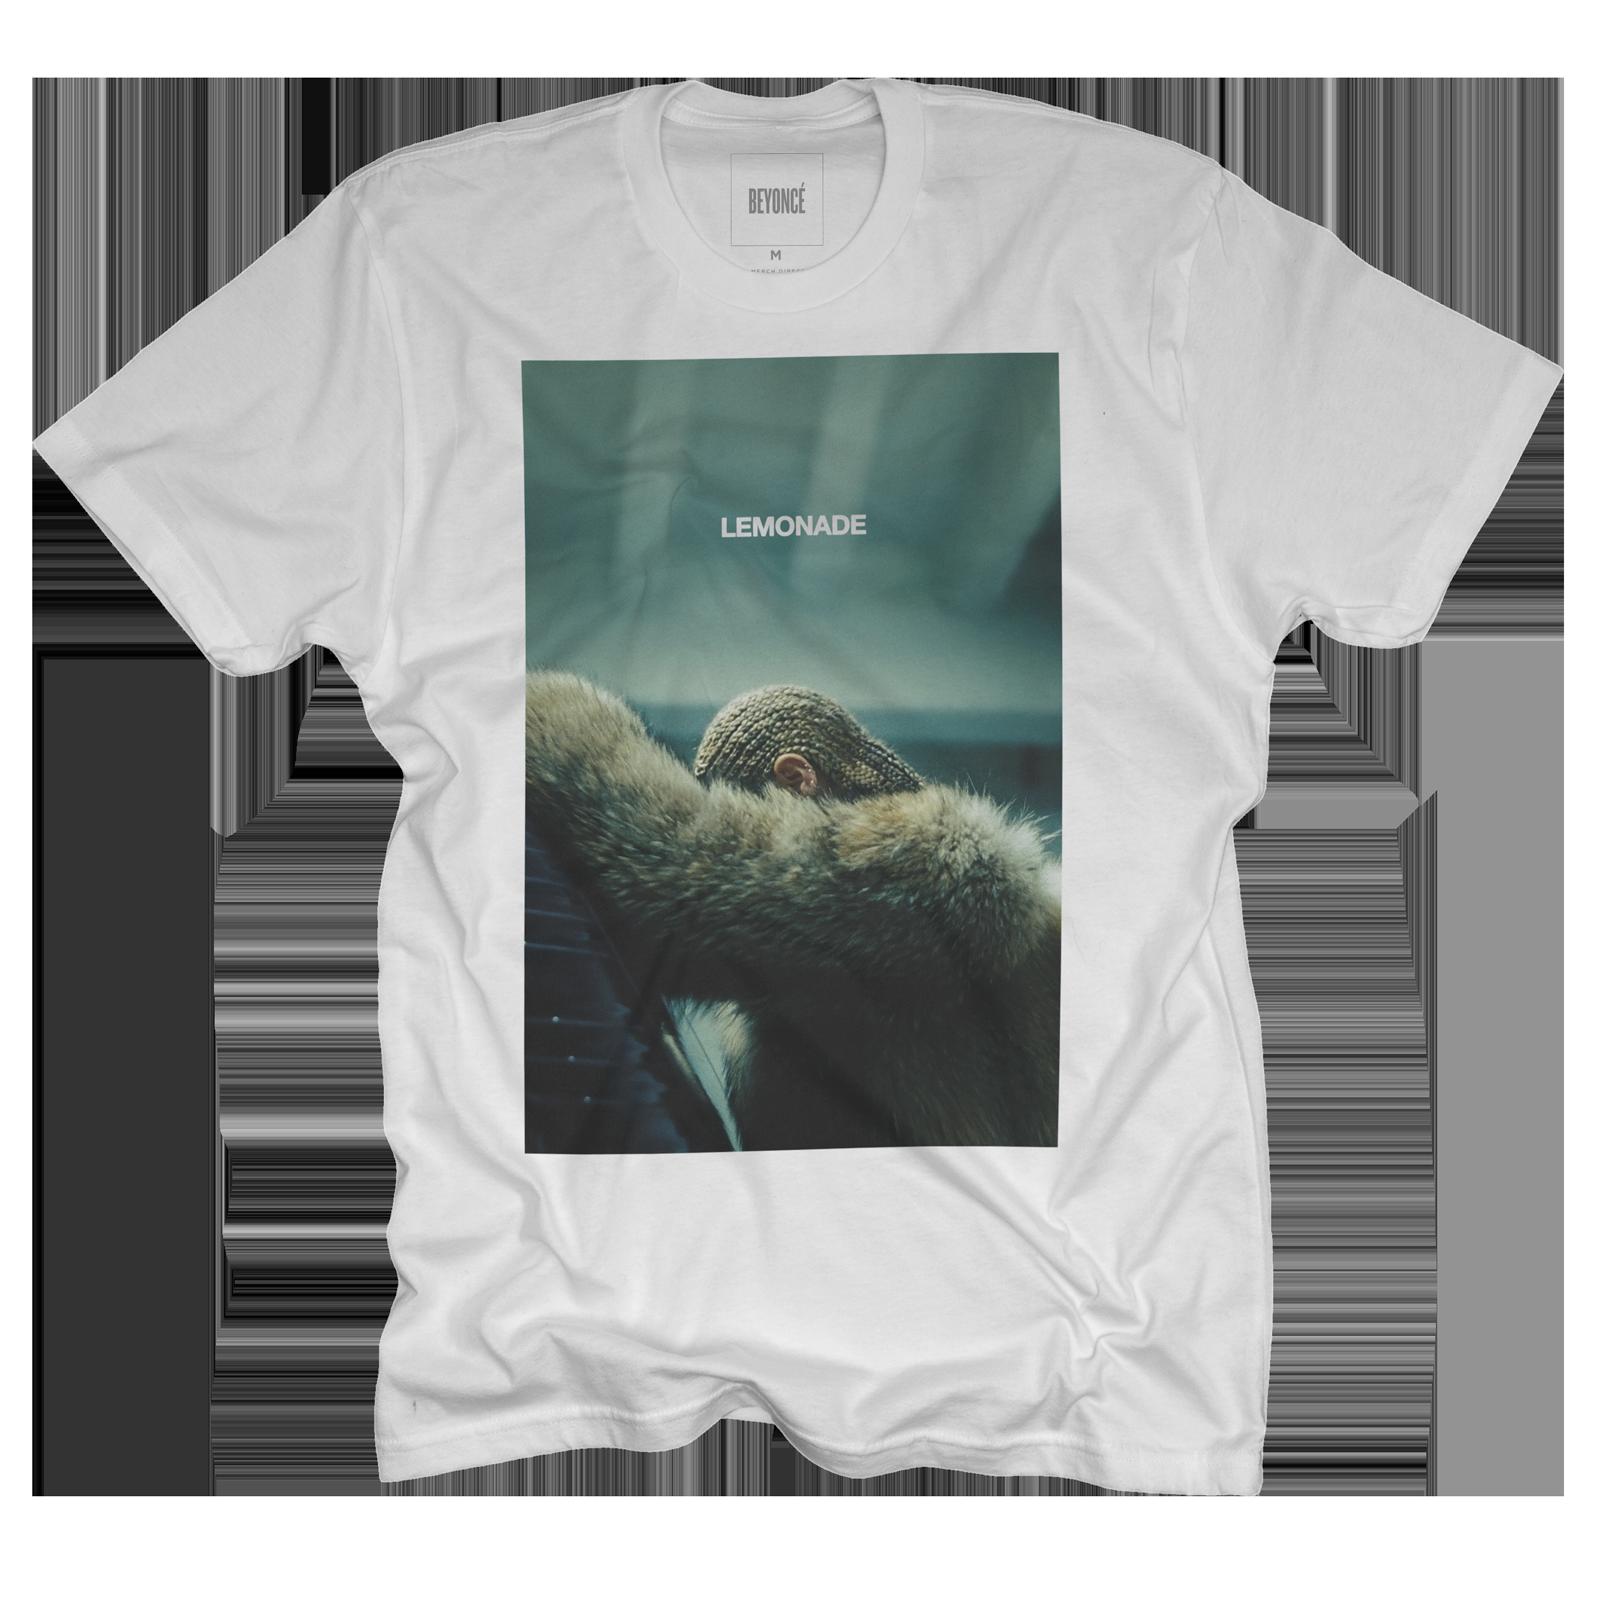 Lemonade-on-White-T-Shirt